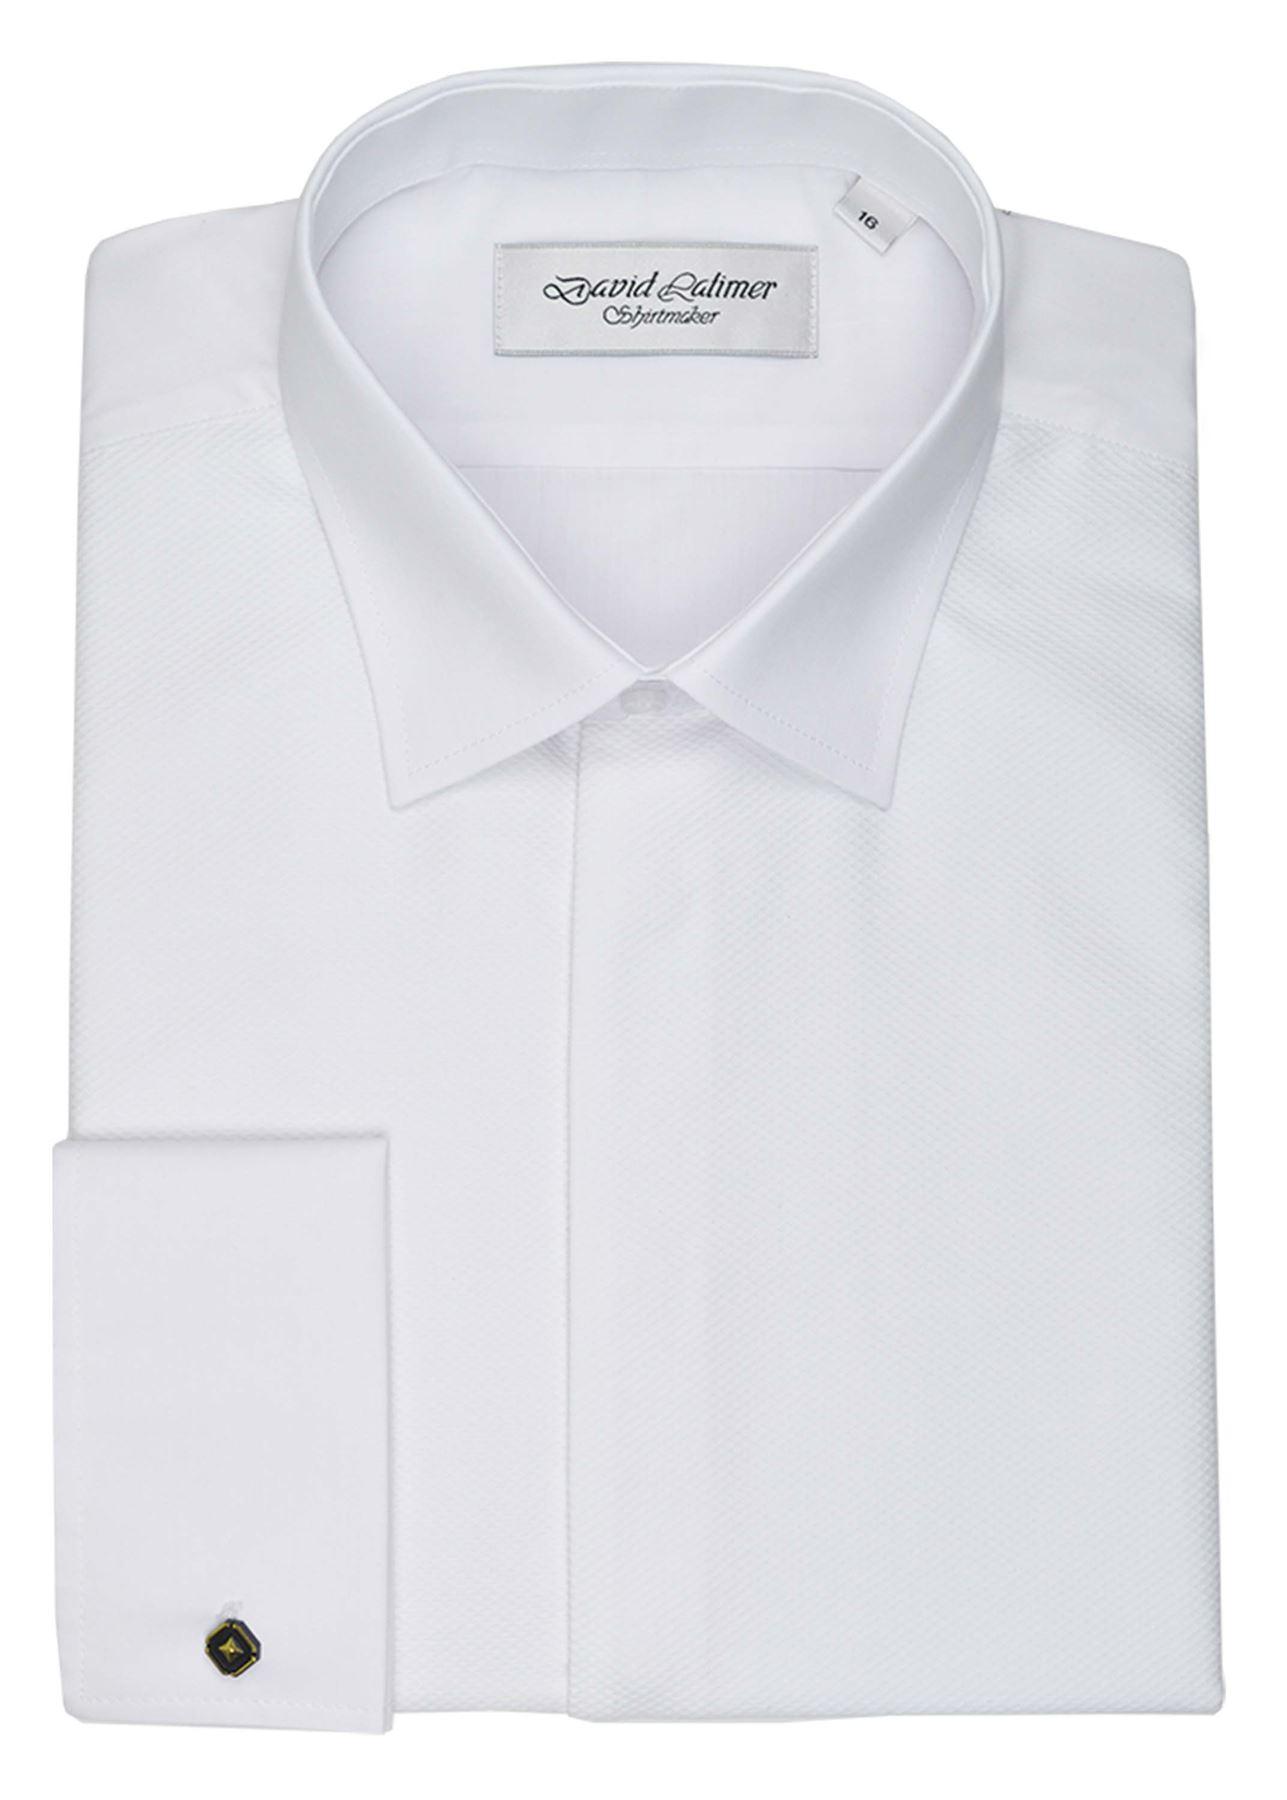 Latimer Mens Marcella mosca frontal David Camisa de vestir en blanco